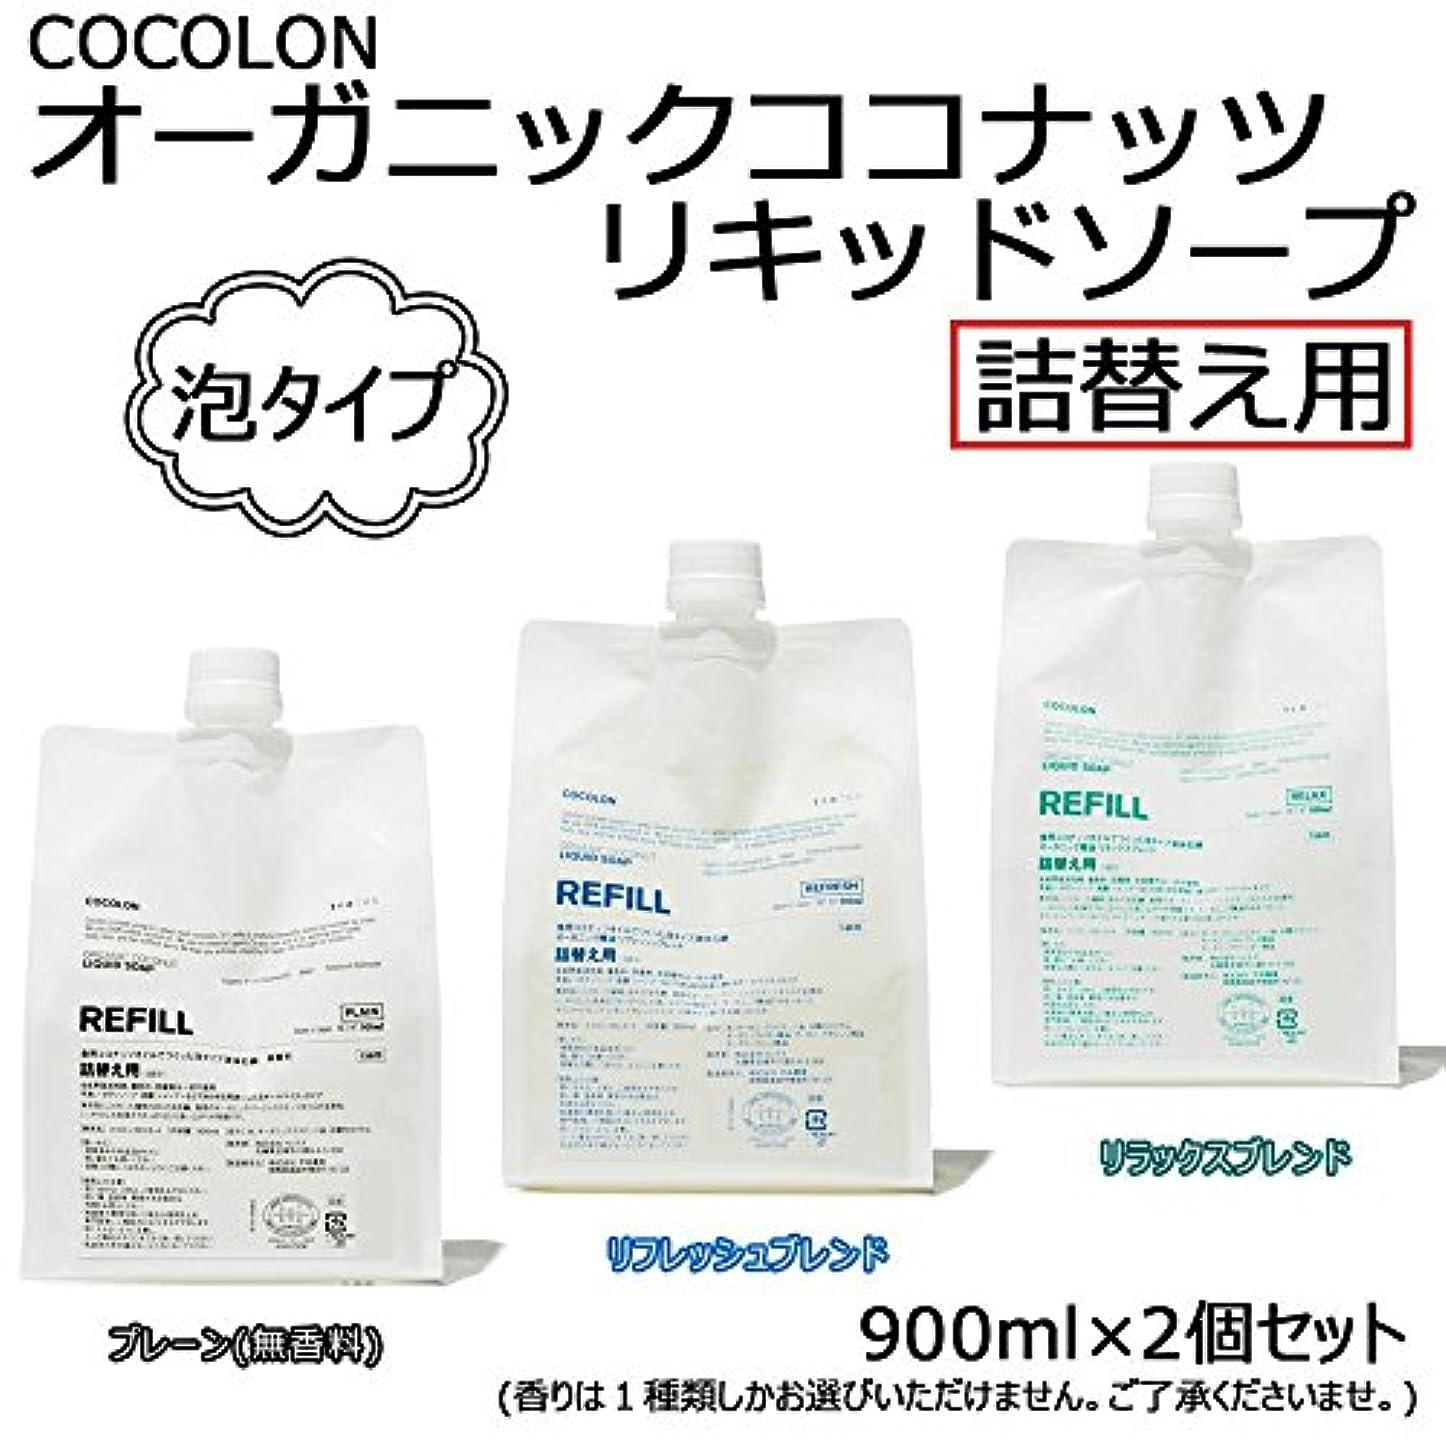 降雨吐くアクティビティCOCOLON ココロン オーガニックココナッツリキッドソープ 泡タイプ 詰替え用 900ml 2個セット リラックスブレンド